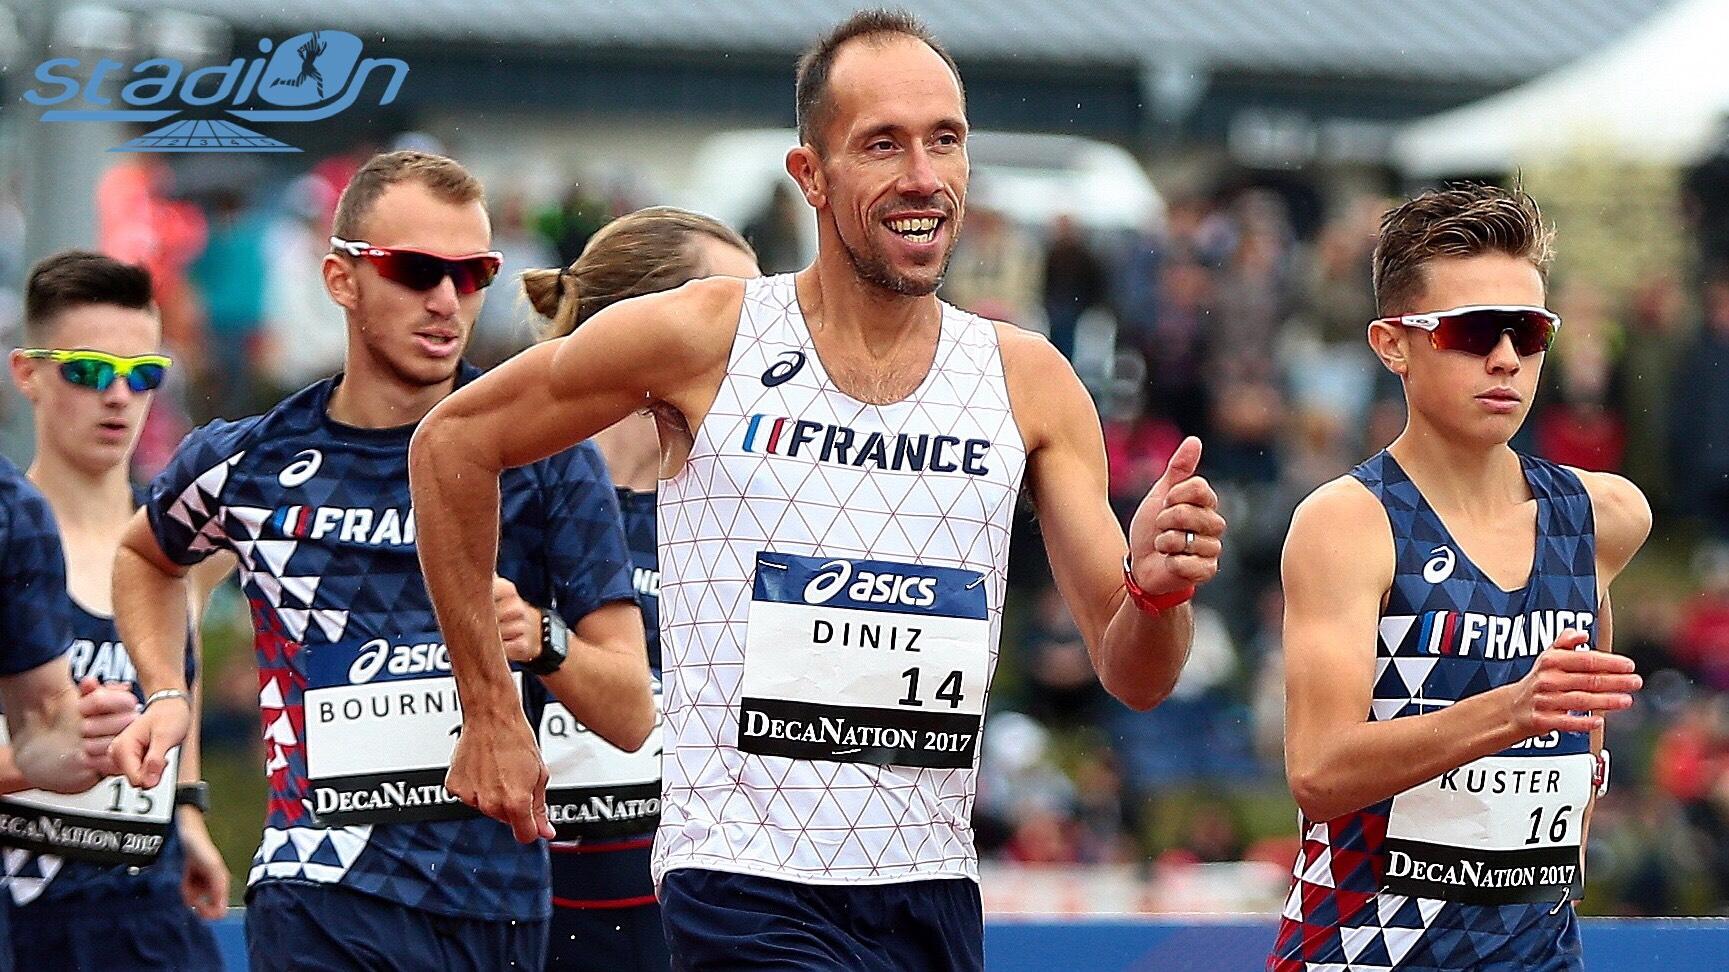 Championnats du Monde de Doha : Yohann Diniz jette l'éponge